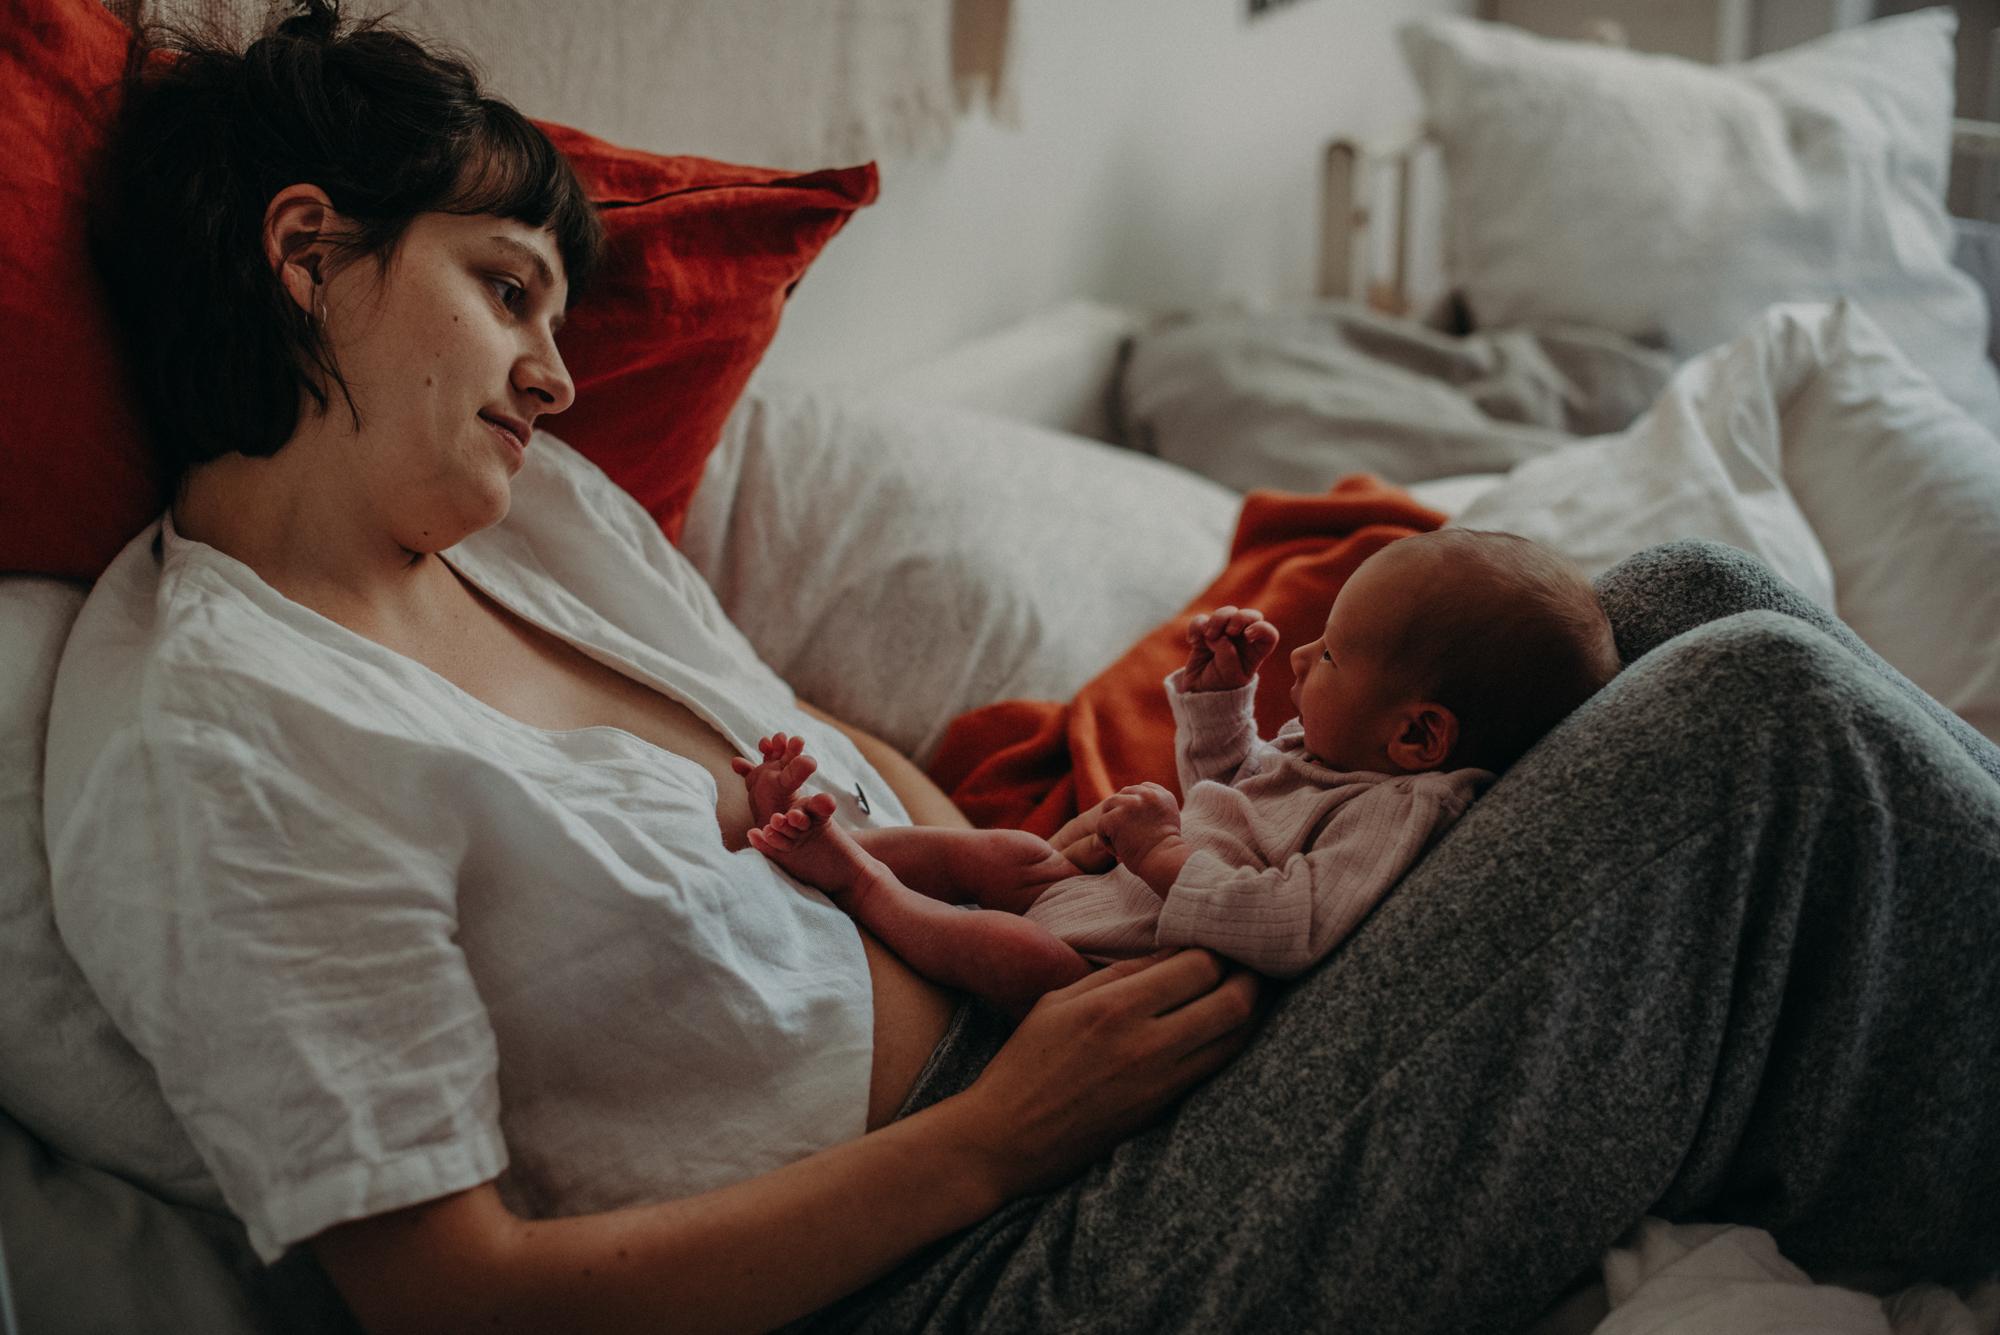 Mutter mit Neugeborenen im Wochenbett, Blogpost Babyfotoshooting selber machen, Fotografin Freiburg